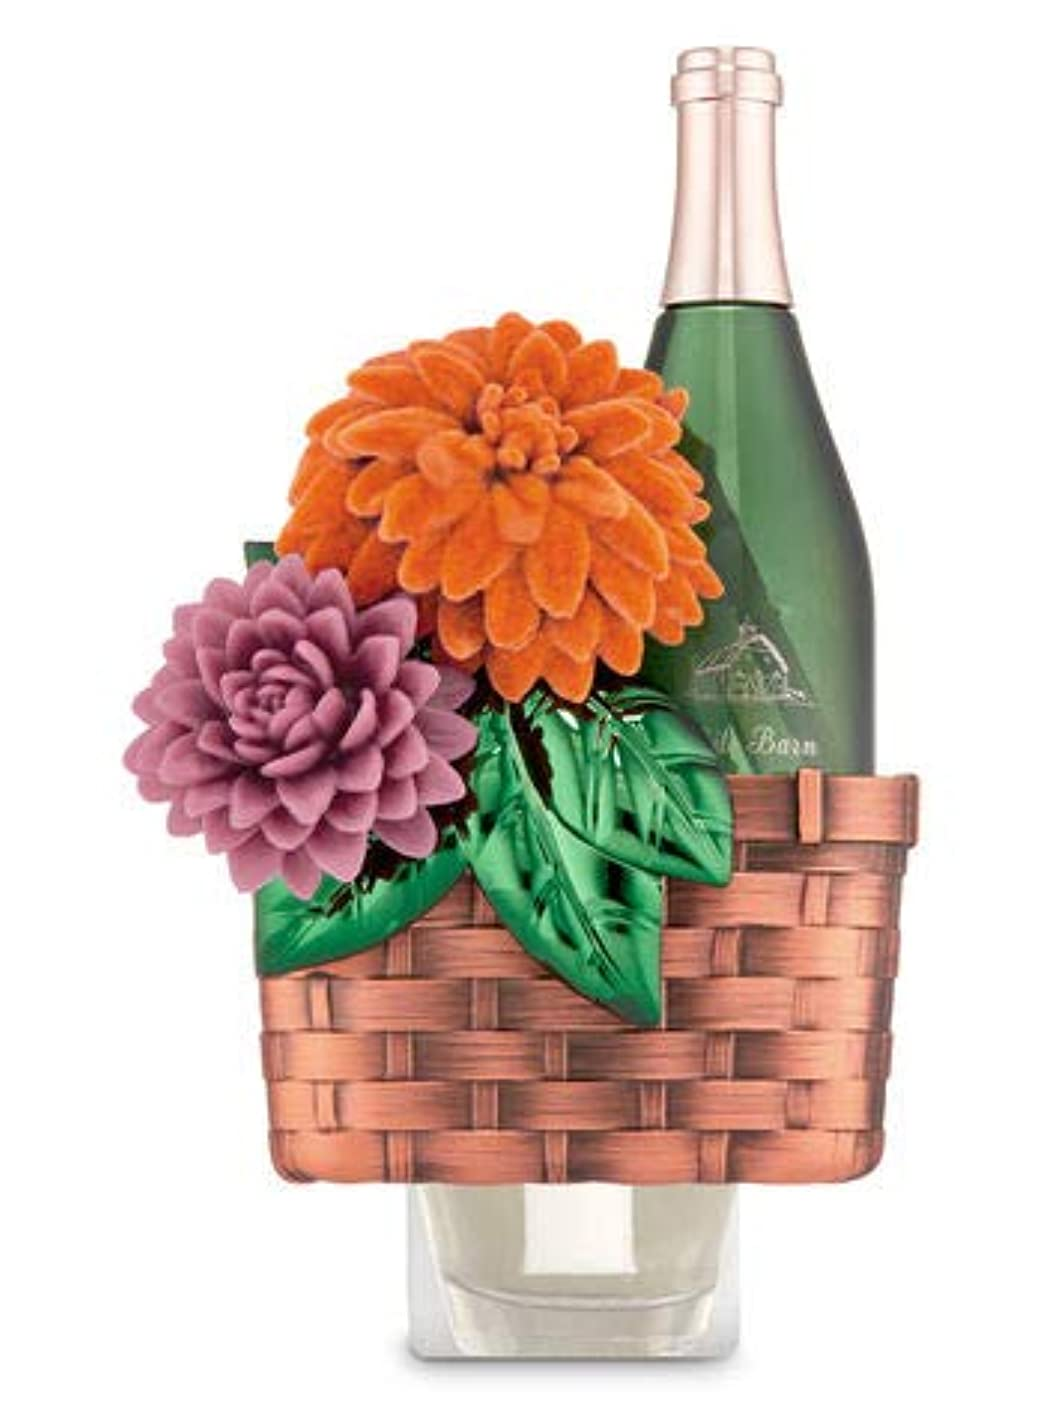 一緒細胞パン【Bath&Body Works/バス&ボディワークス】 ルームフレグランス プラグインスターター (本体のみ) ワインバスケット Wallflowers Fragrance Plug Wine Basket [並行輸入品]